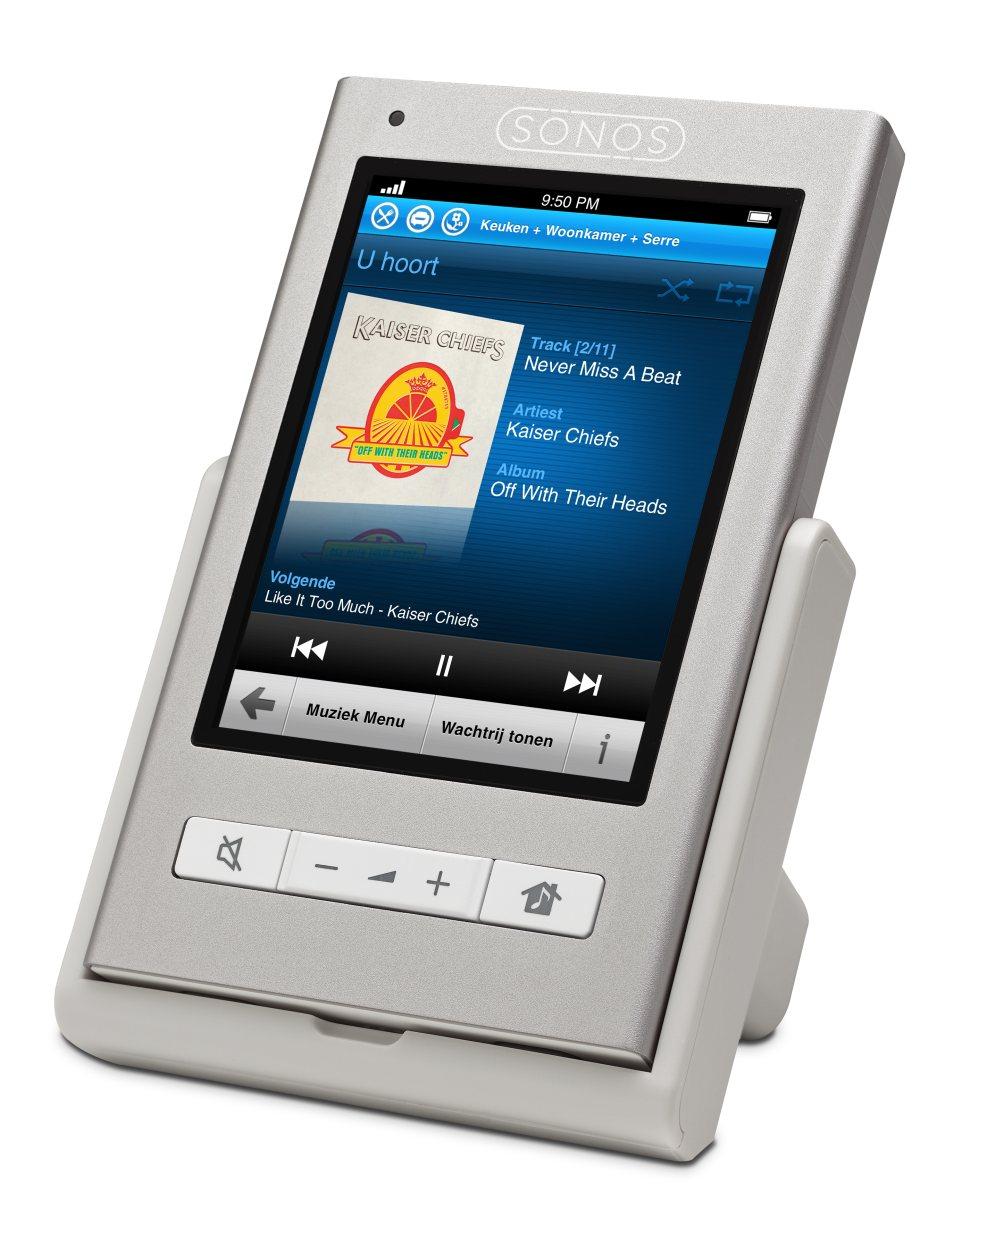 sonos brengt controller 200 met touchscreen bediening uit beeld en geluid nieuws tweakers. Black Bedroom Furniture Sets. Home Design Ideas